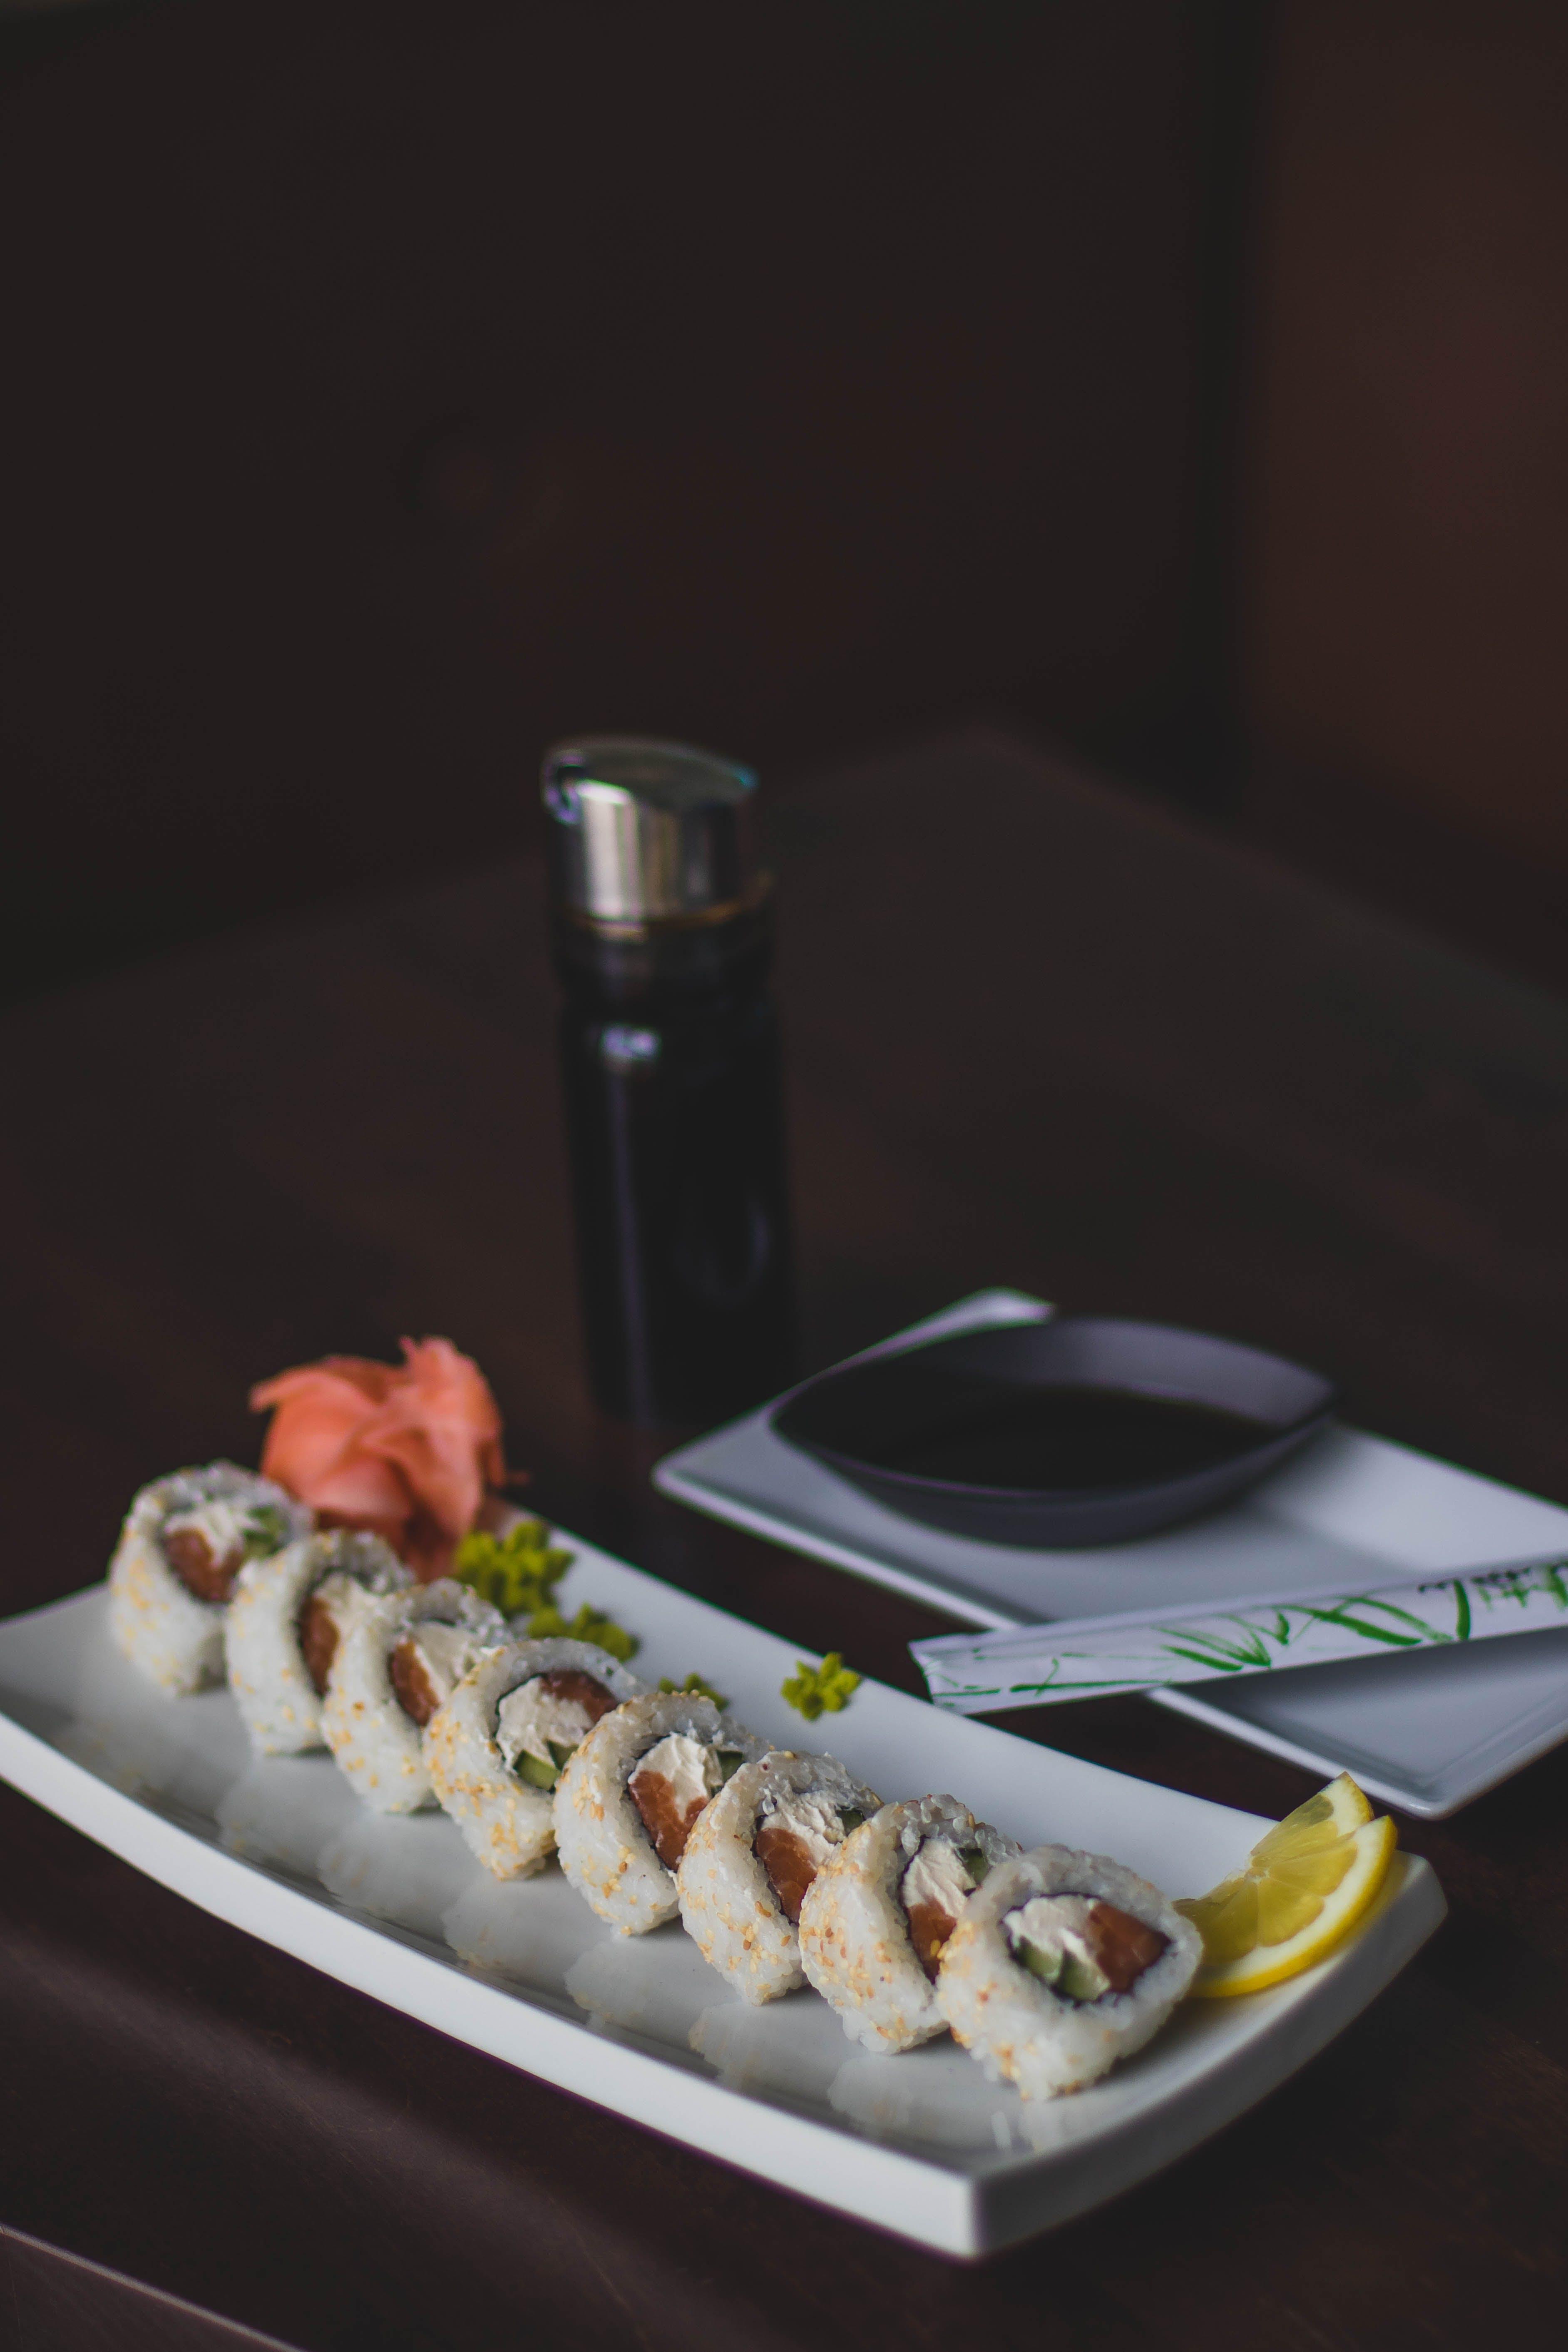 Gratis stockfoto met avondeten, bord, eetcafé, eten